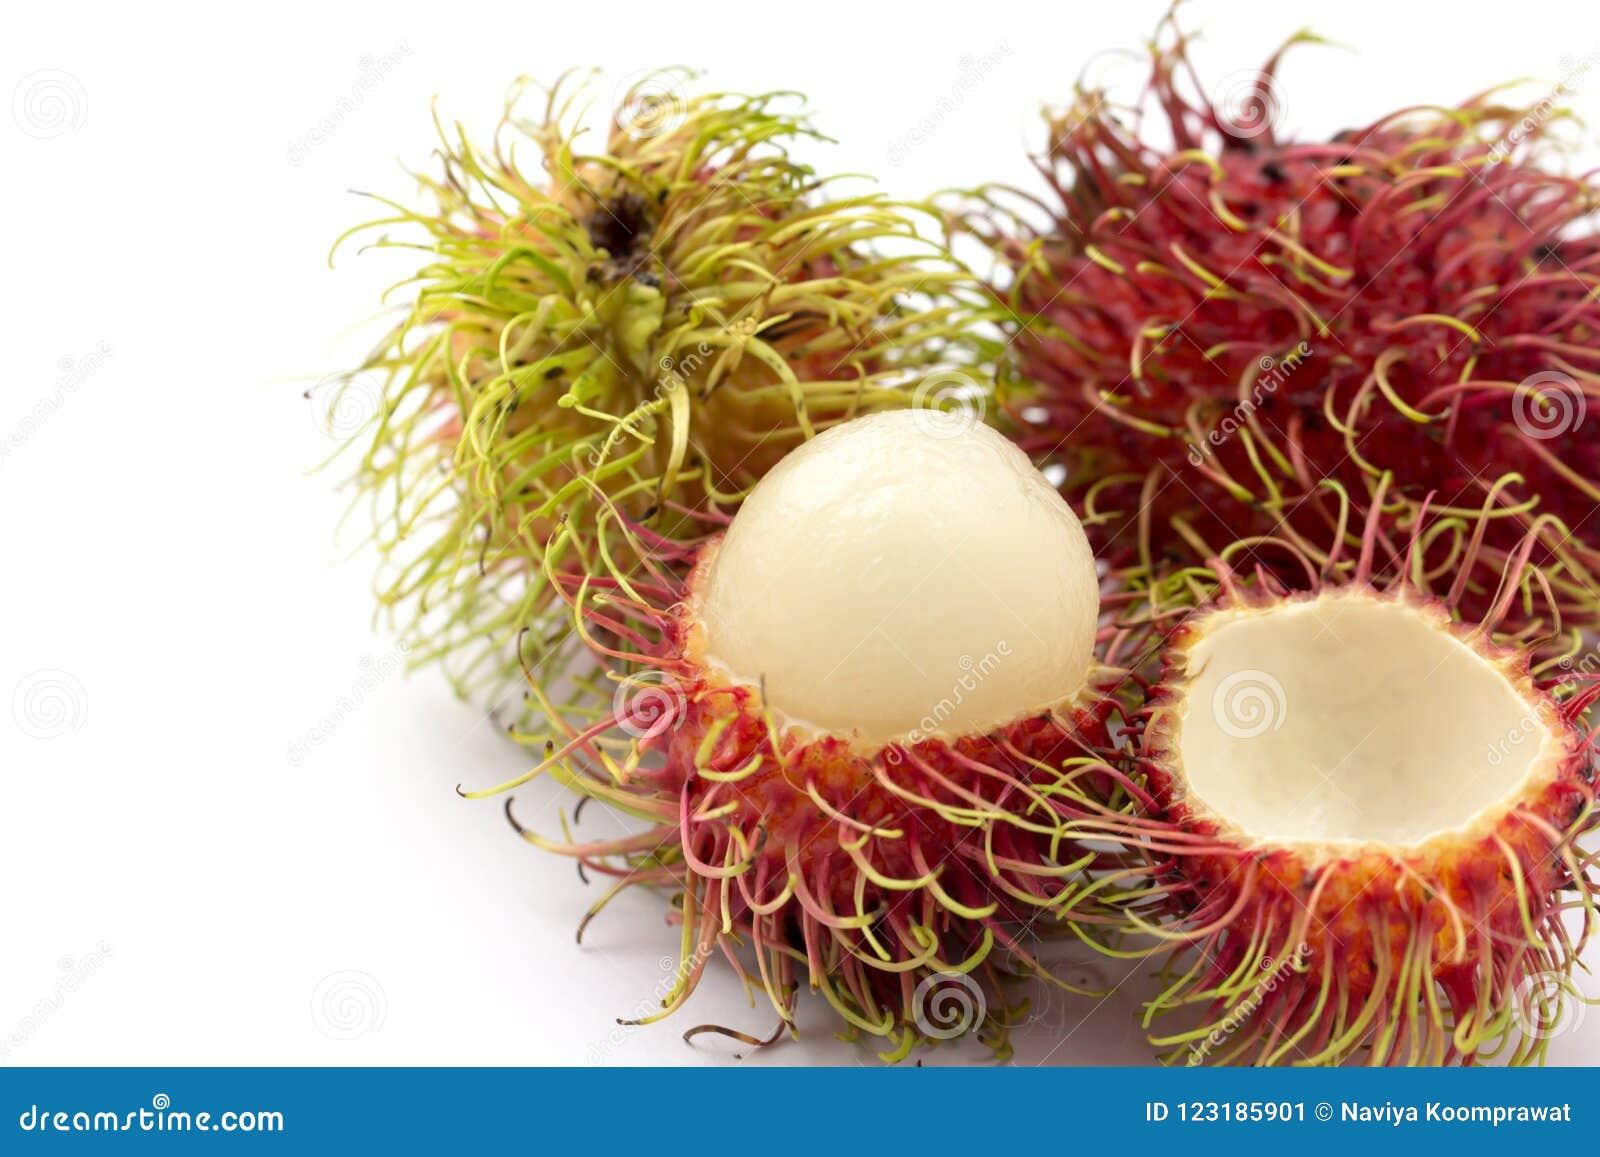 Rambutanfrüchte auf weißem Hintergrund